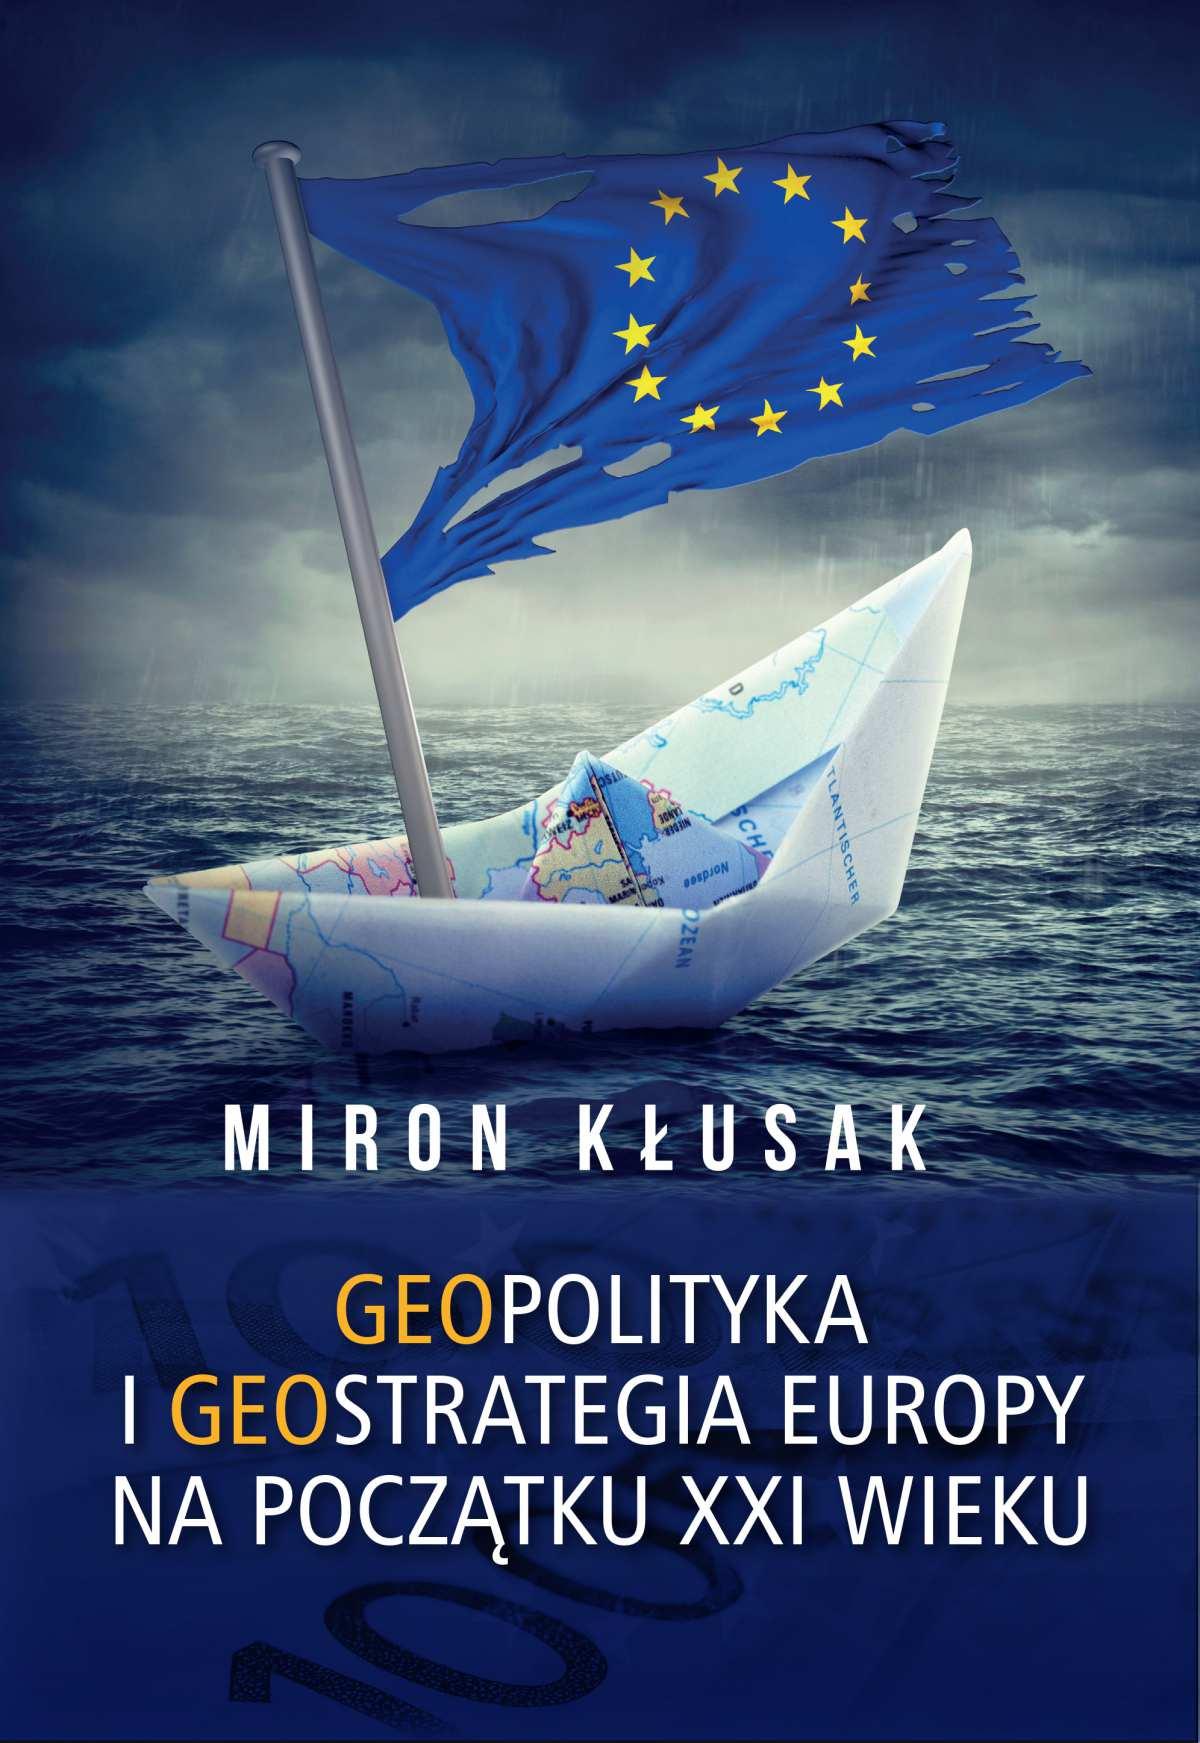 Geopolityka i geostrategia Europy na początku XXI wieku - Ebook (Książka EPUB) do pobrania w formacie EPUB